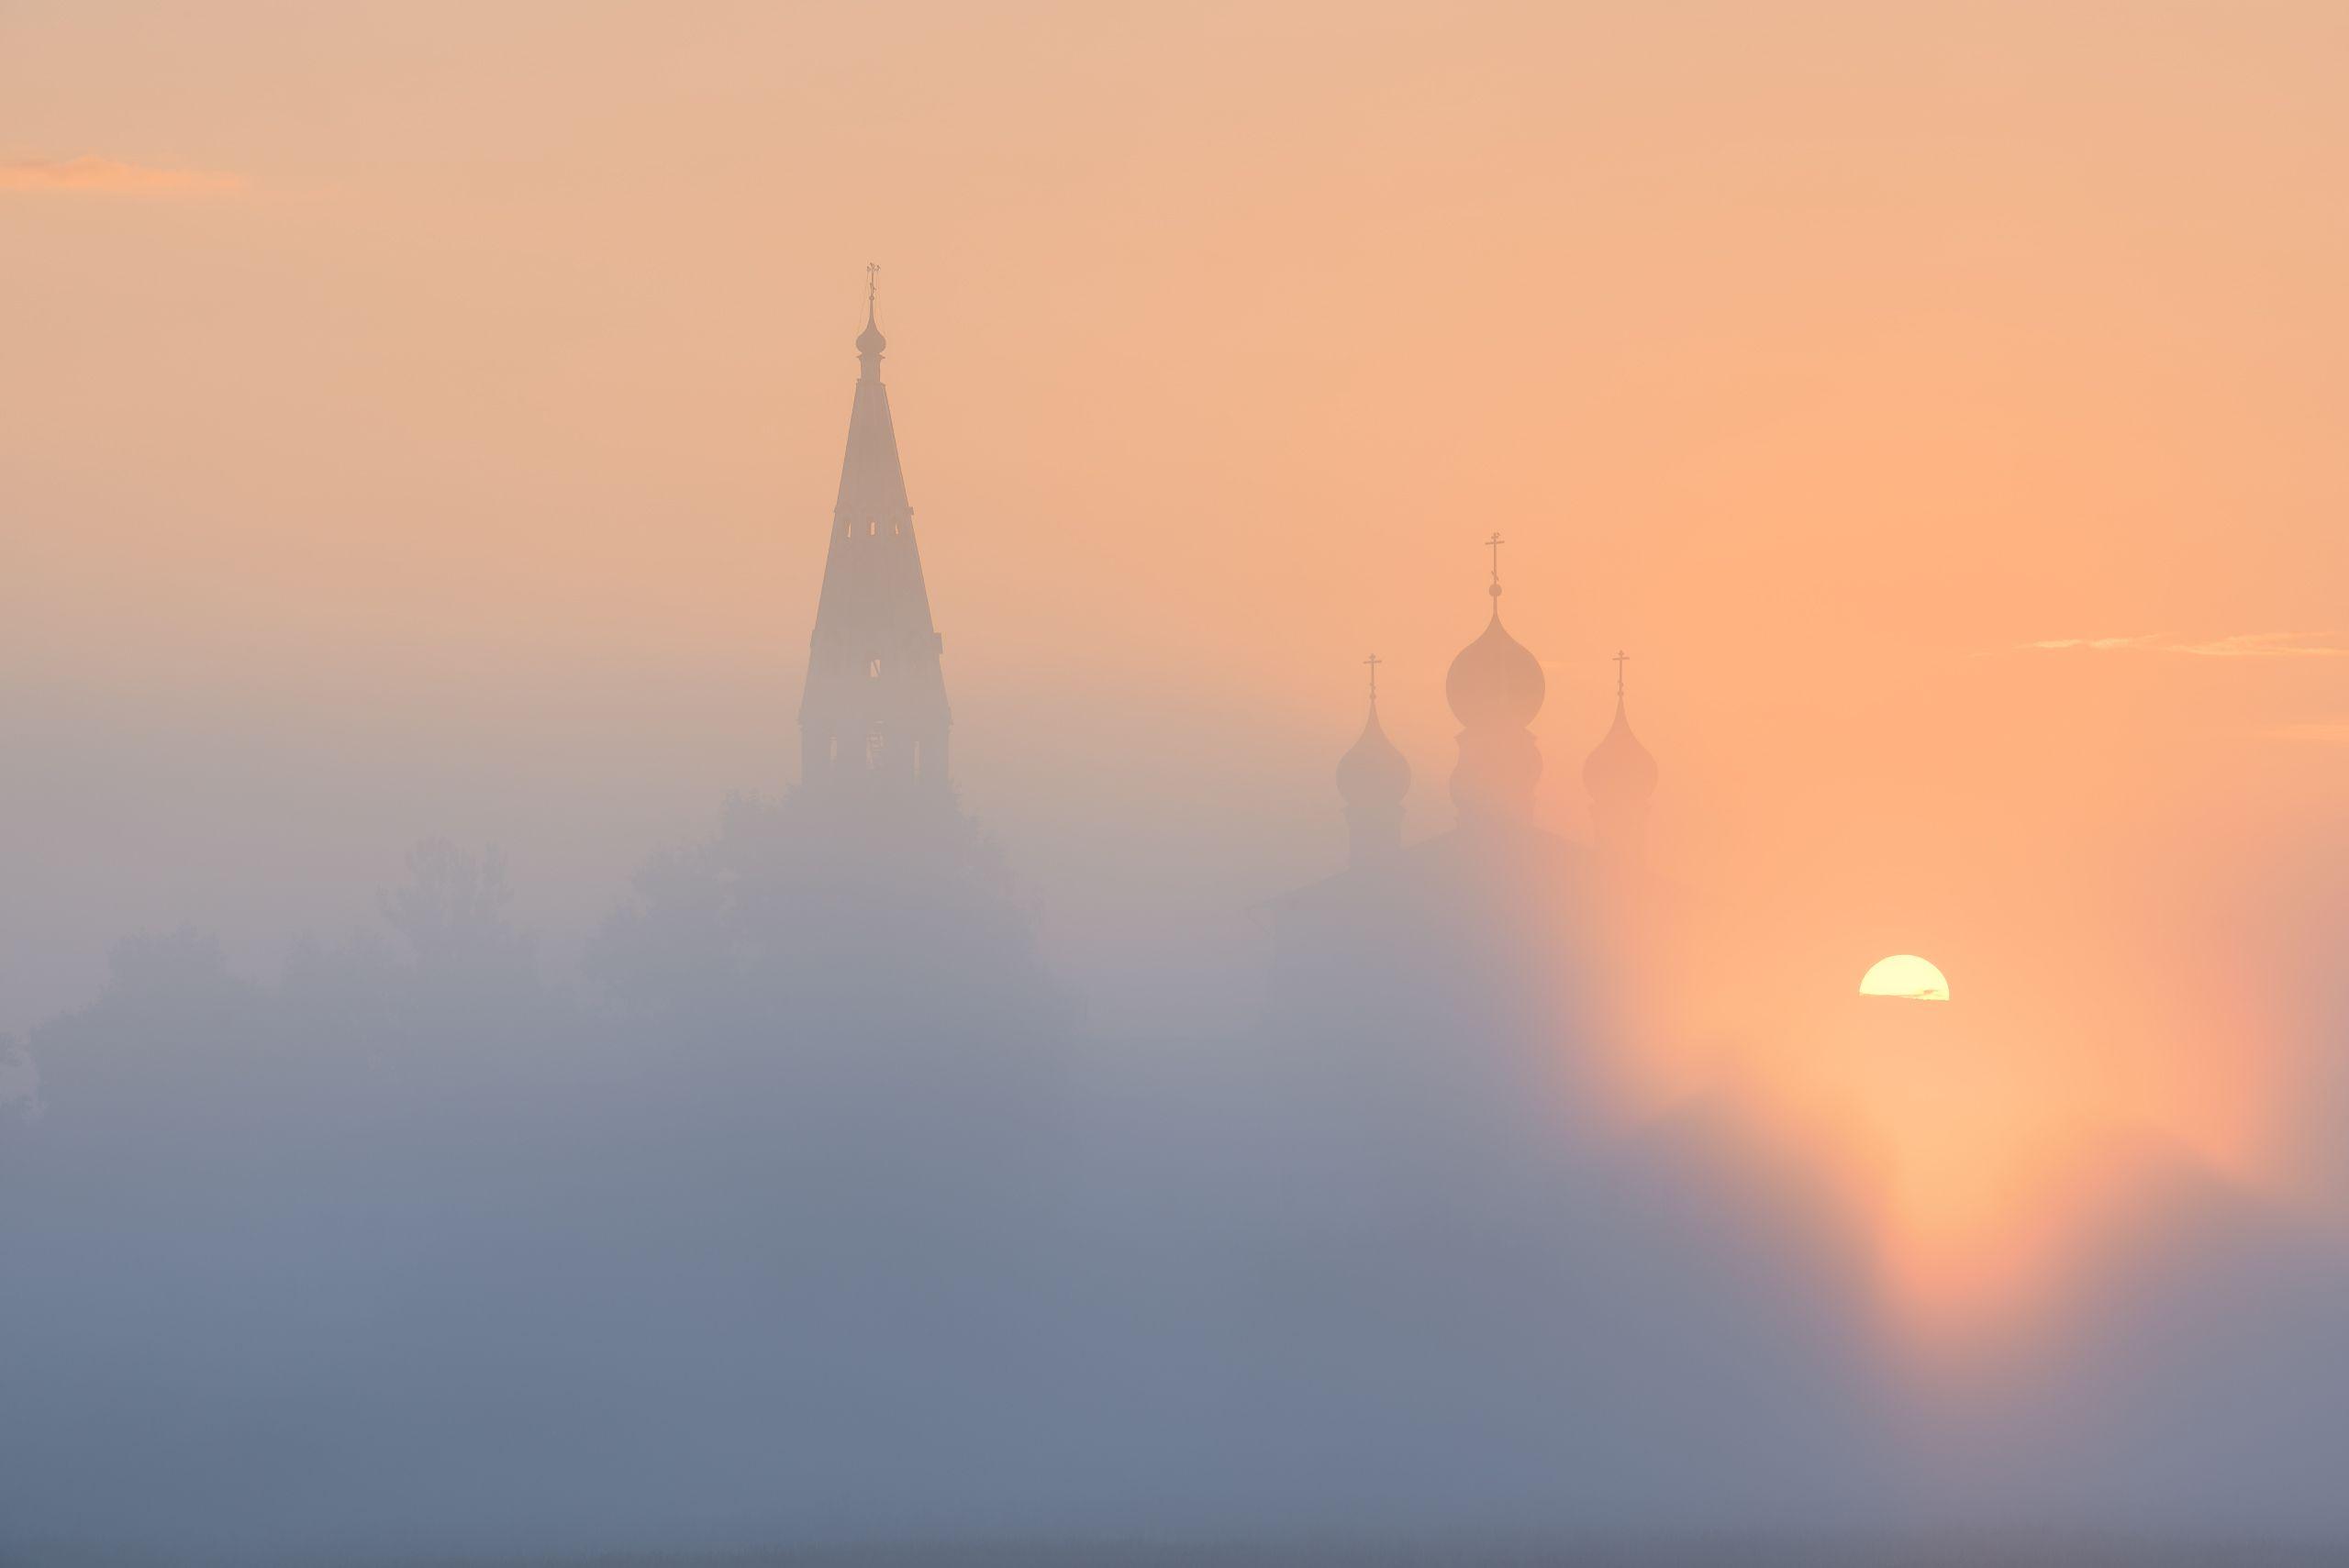 осенево, утро, туман, рассвет, восход, Максим Евдокимов (phototourtravel.ru)